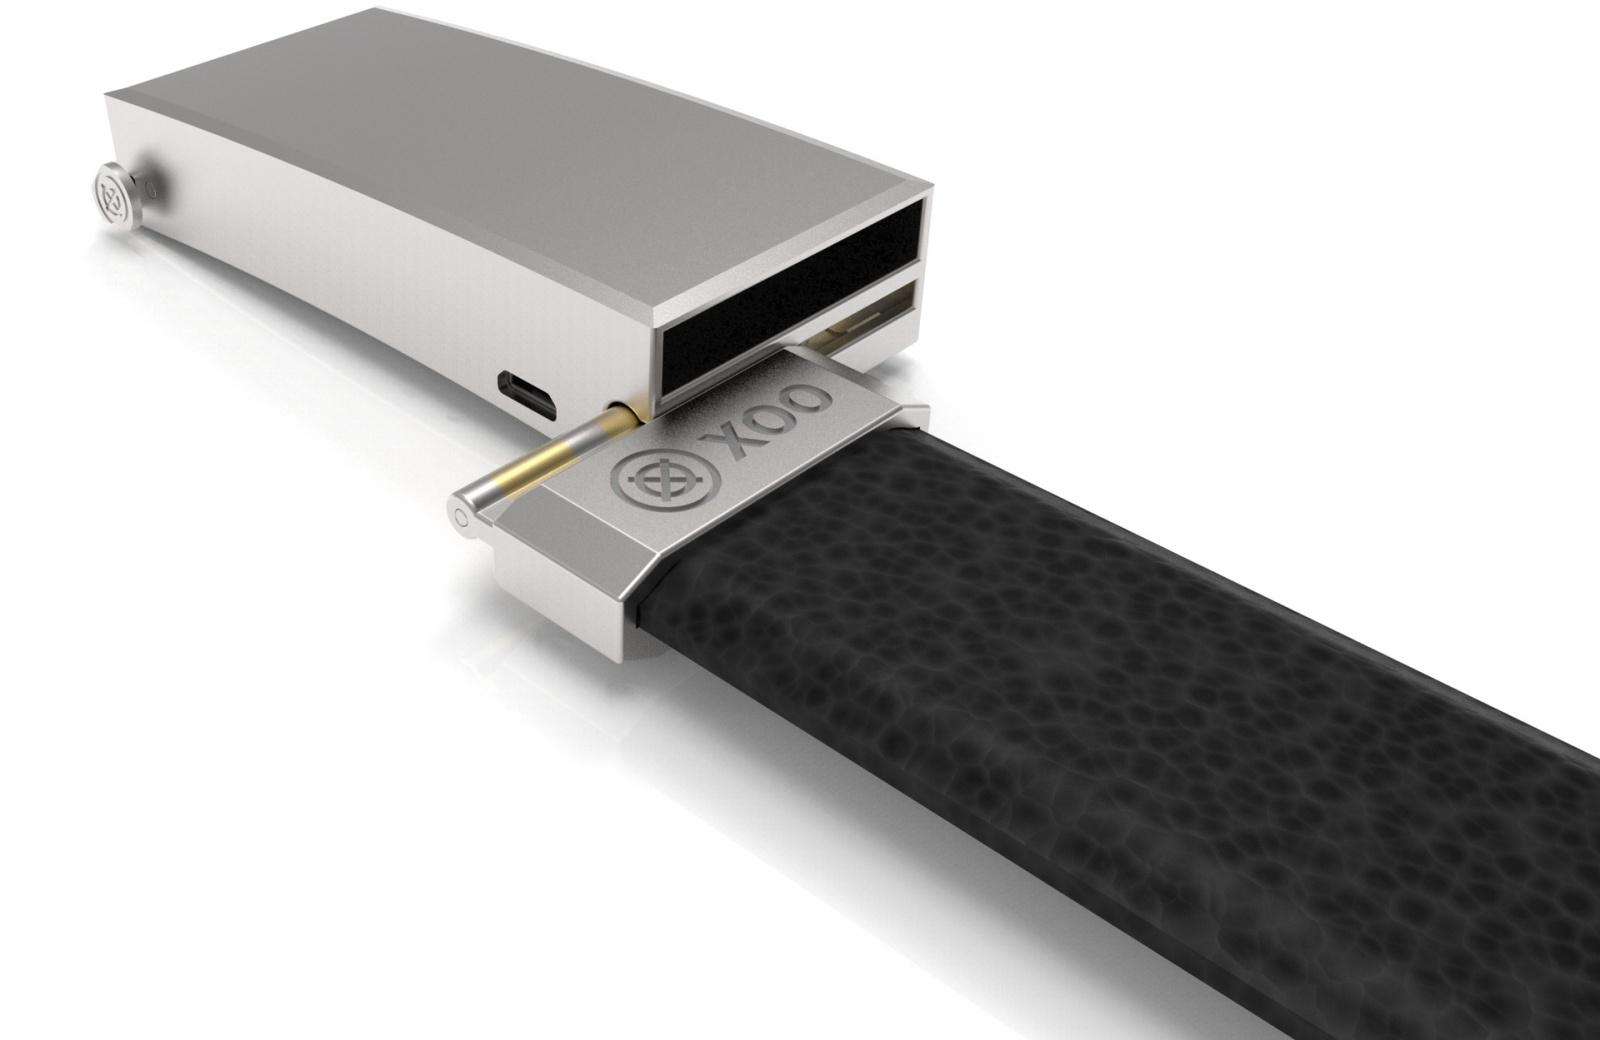 XOO Belt от Nifty: держит брюки и заряд смартфона - 4